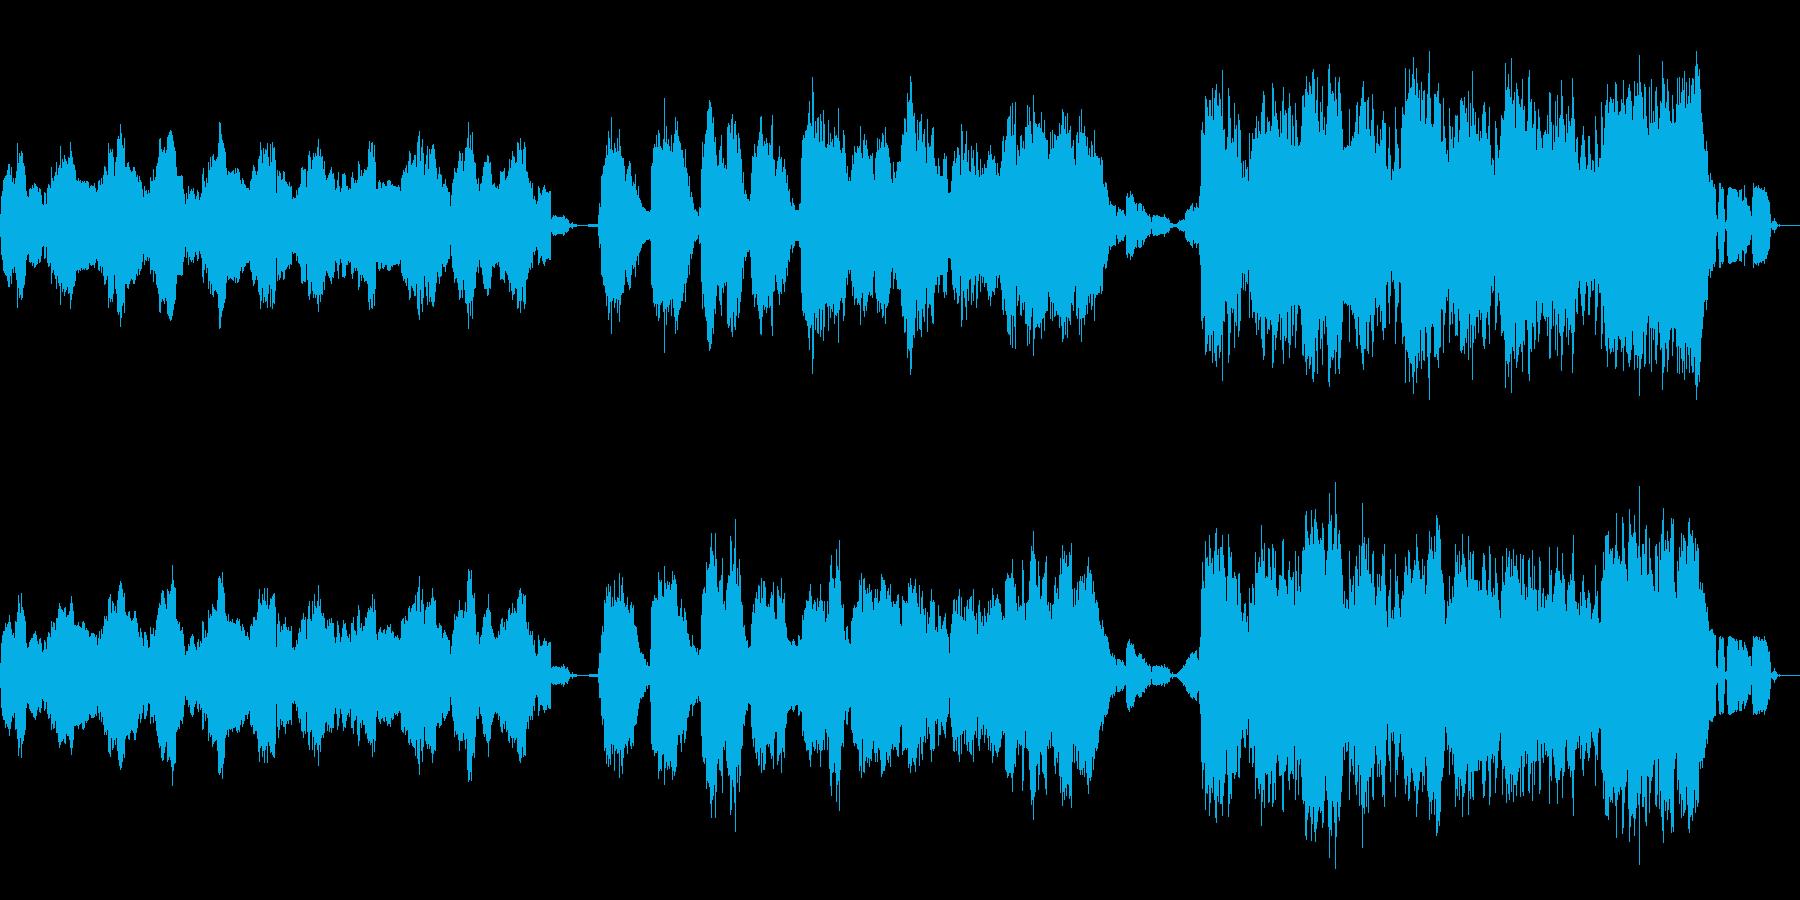 サイレントナイトを切なくアンビエントにの再生済みの波形